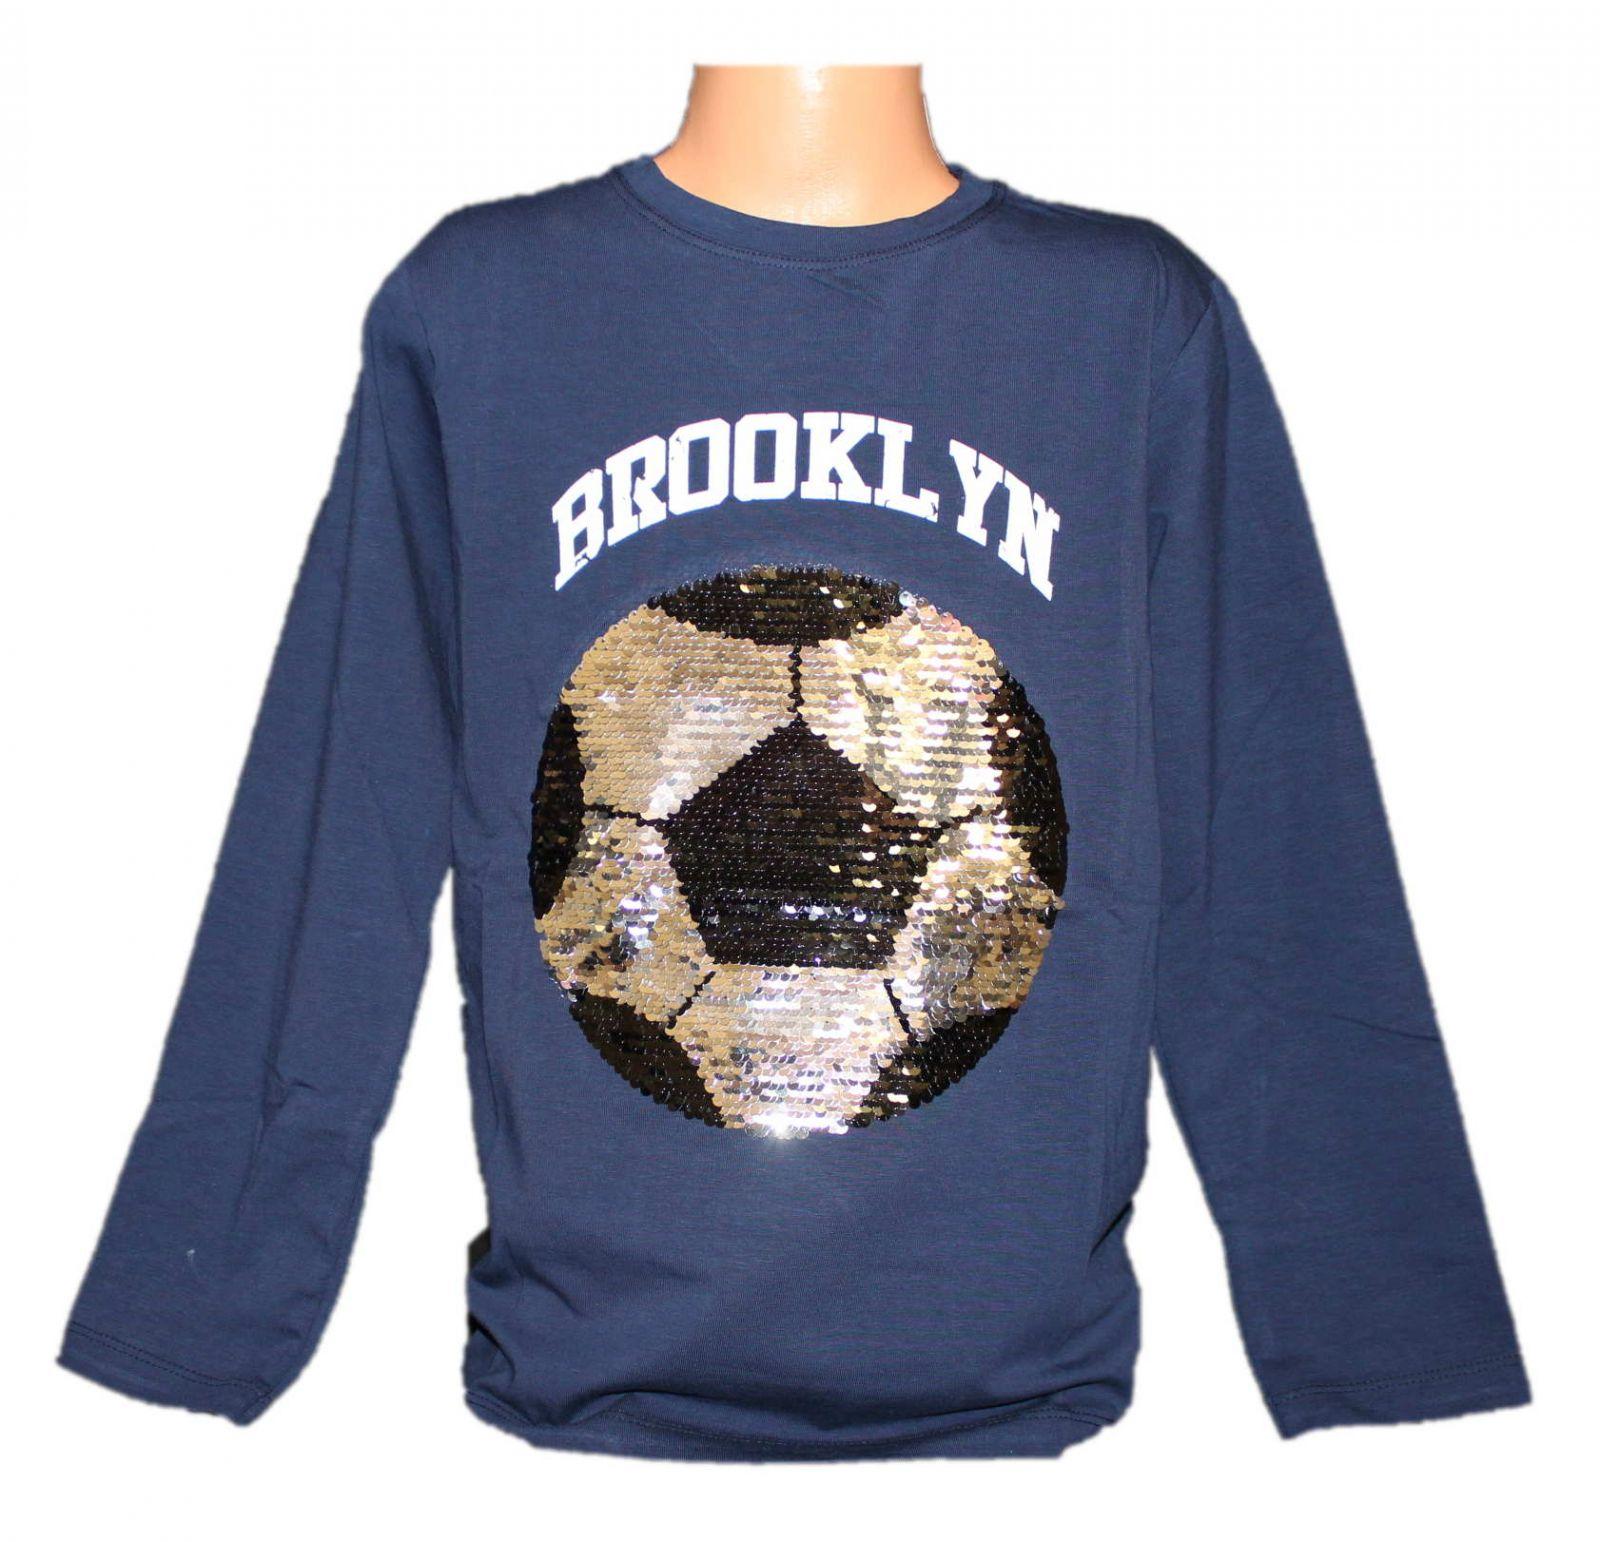 Chlapecké měnící tričko, měnící klučičí triko, přeměňovací tričko, Ben Nevis